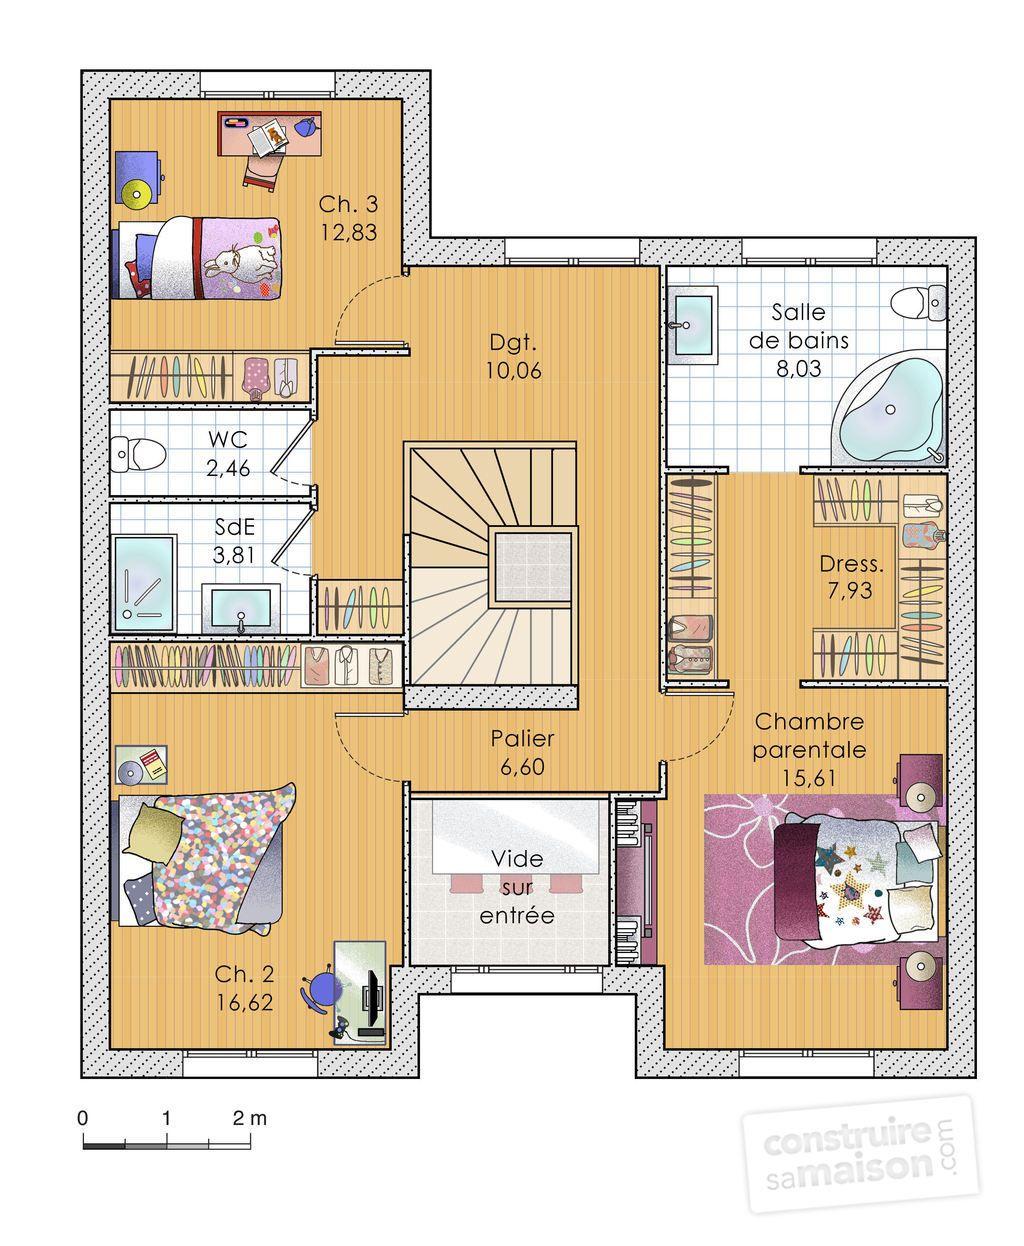 plan de maison 2 niveau 3 chambres